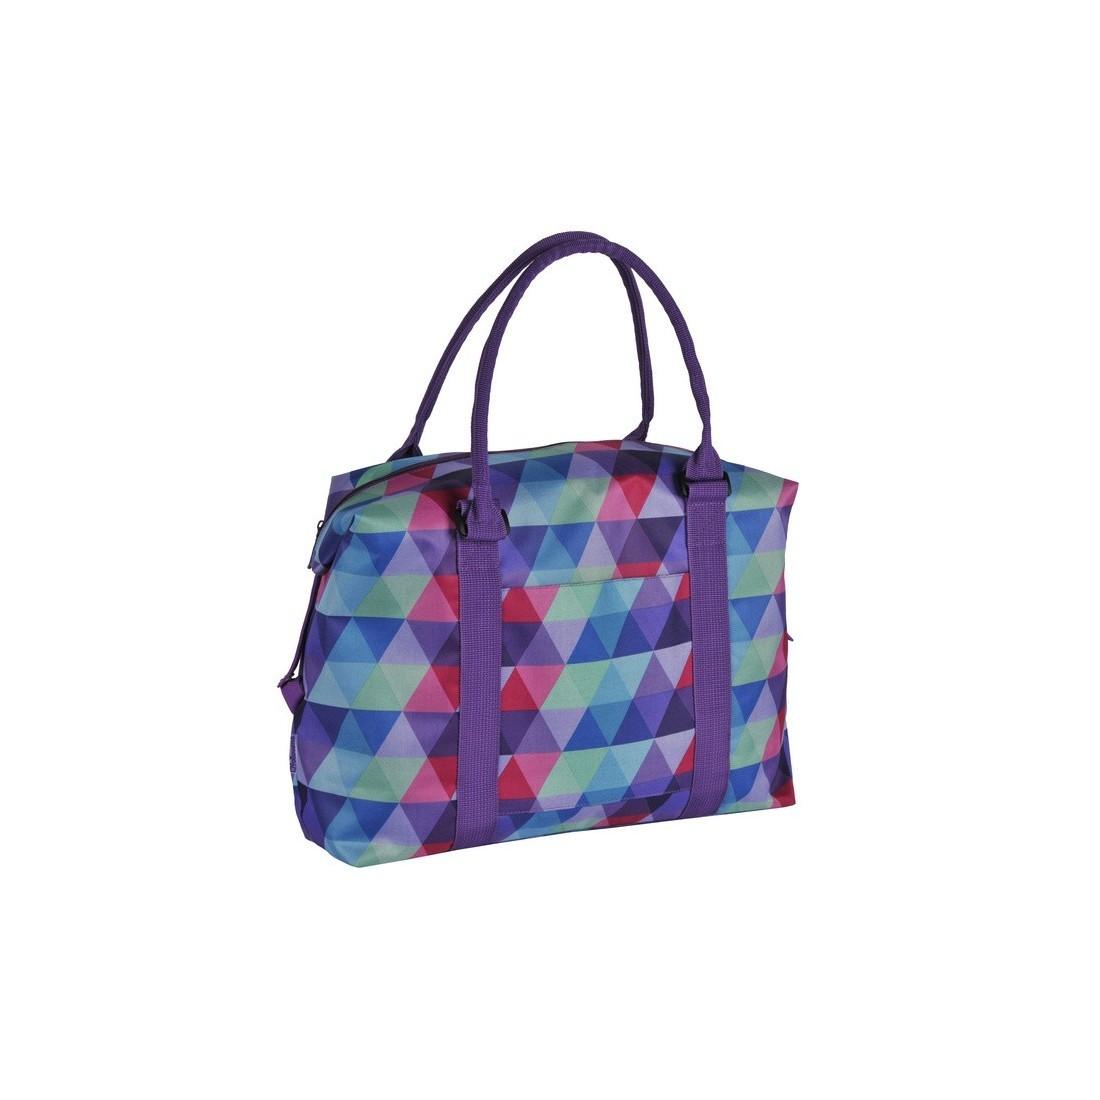 Torba na ramię w kolorowe trójkąty - plecak-tornister.pl